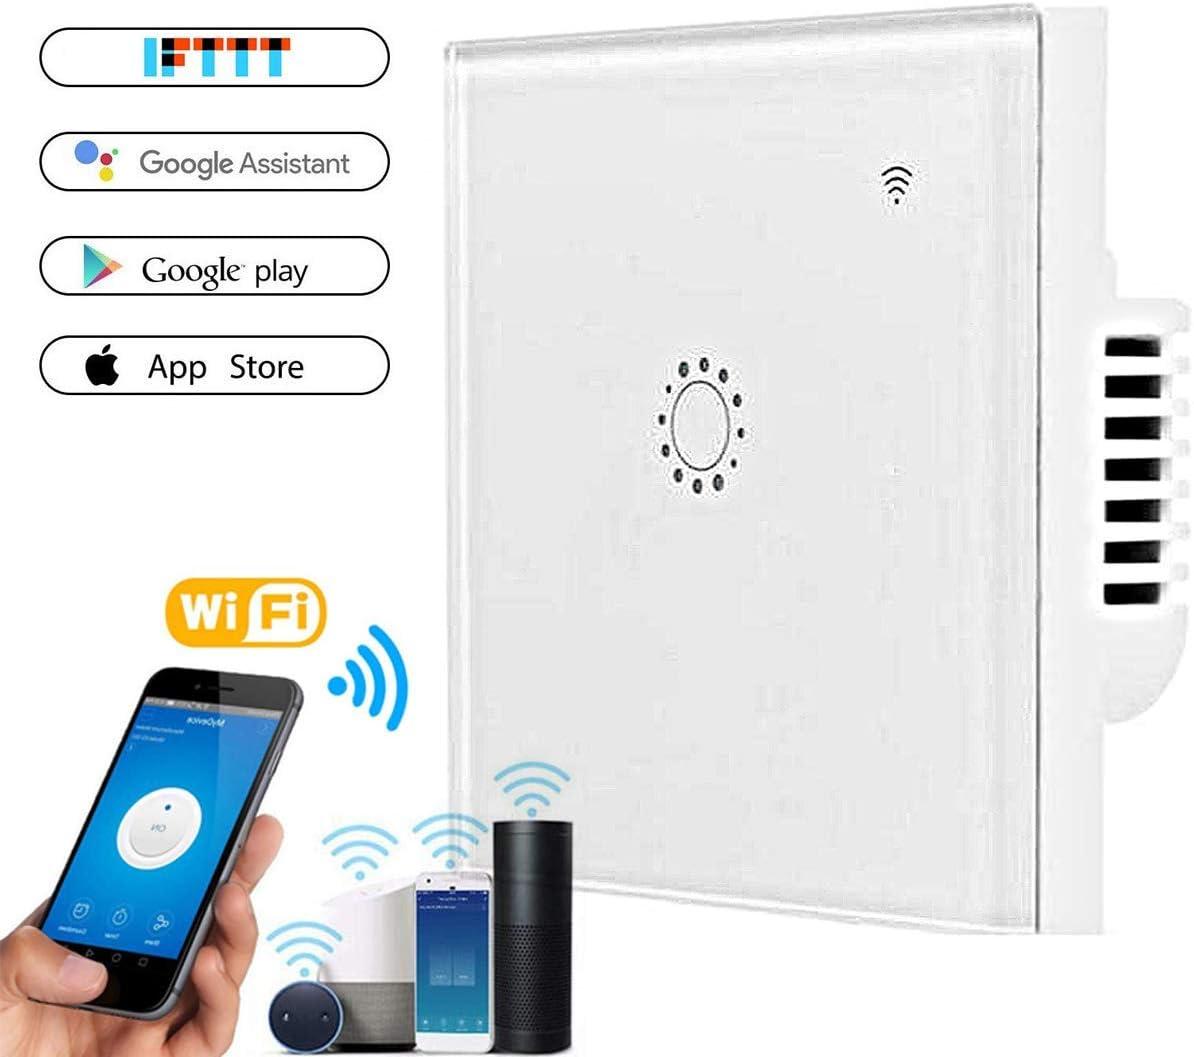 Interruptor de luz WiFi, interruptor táctil Orville con control remoto de aplicación de voz, función de temporizador, protección de sobrecarga, compatible con Alexa y Google Home, blanco